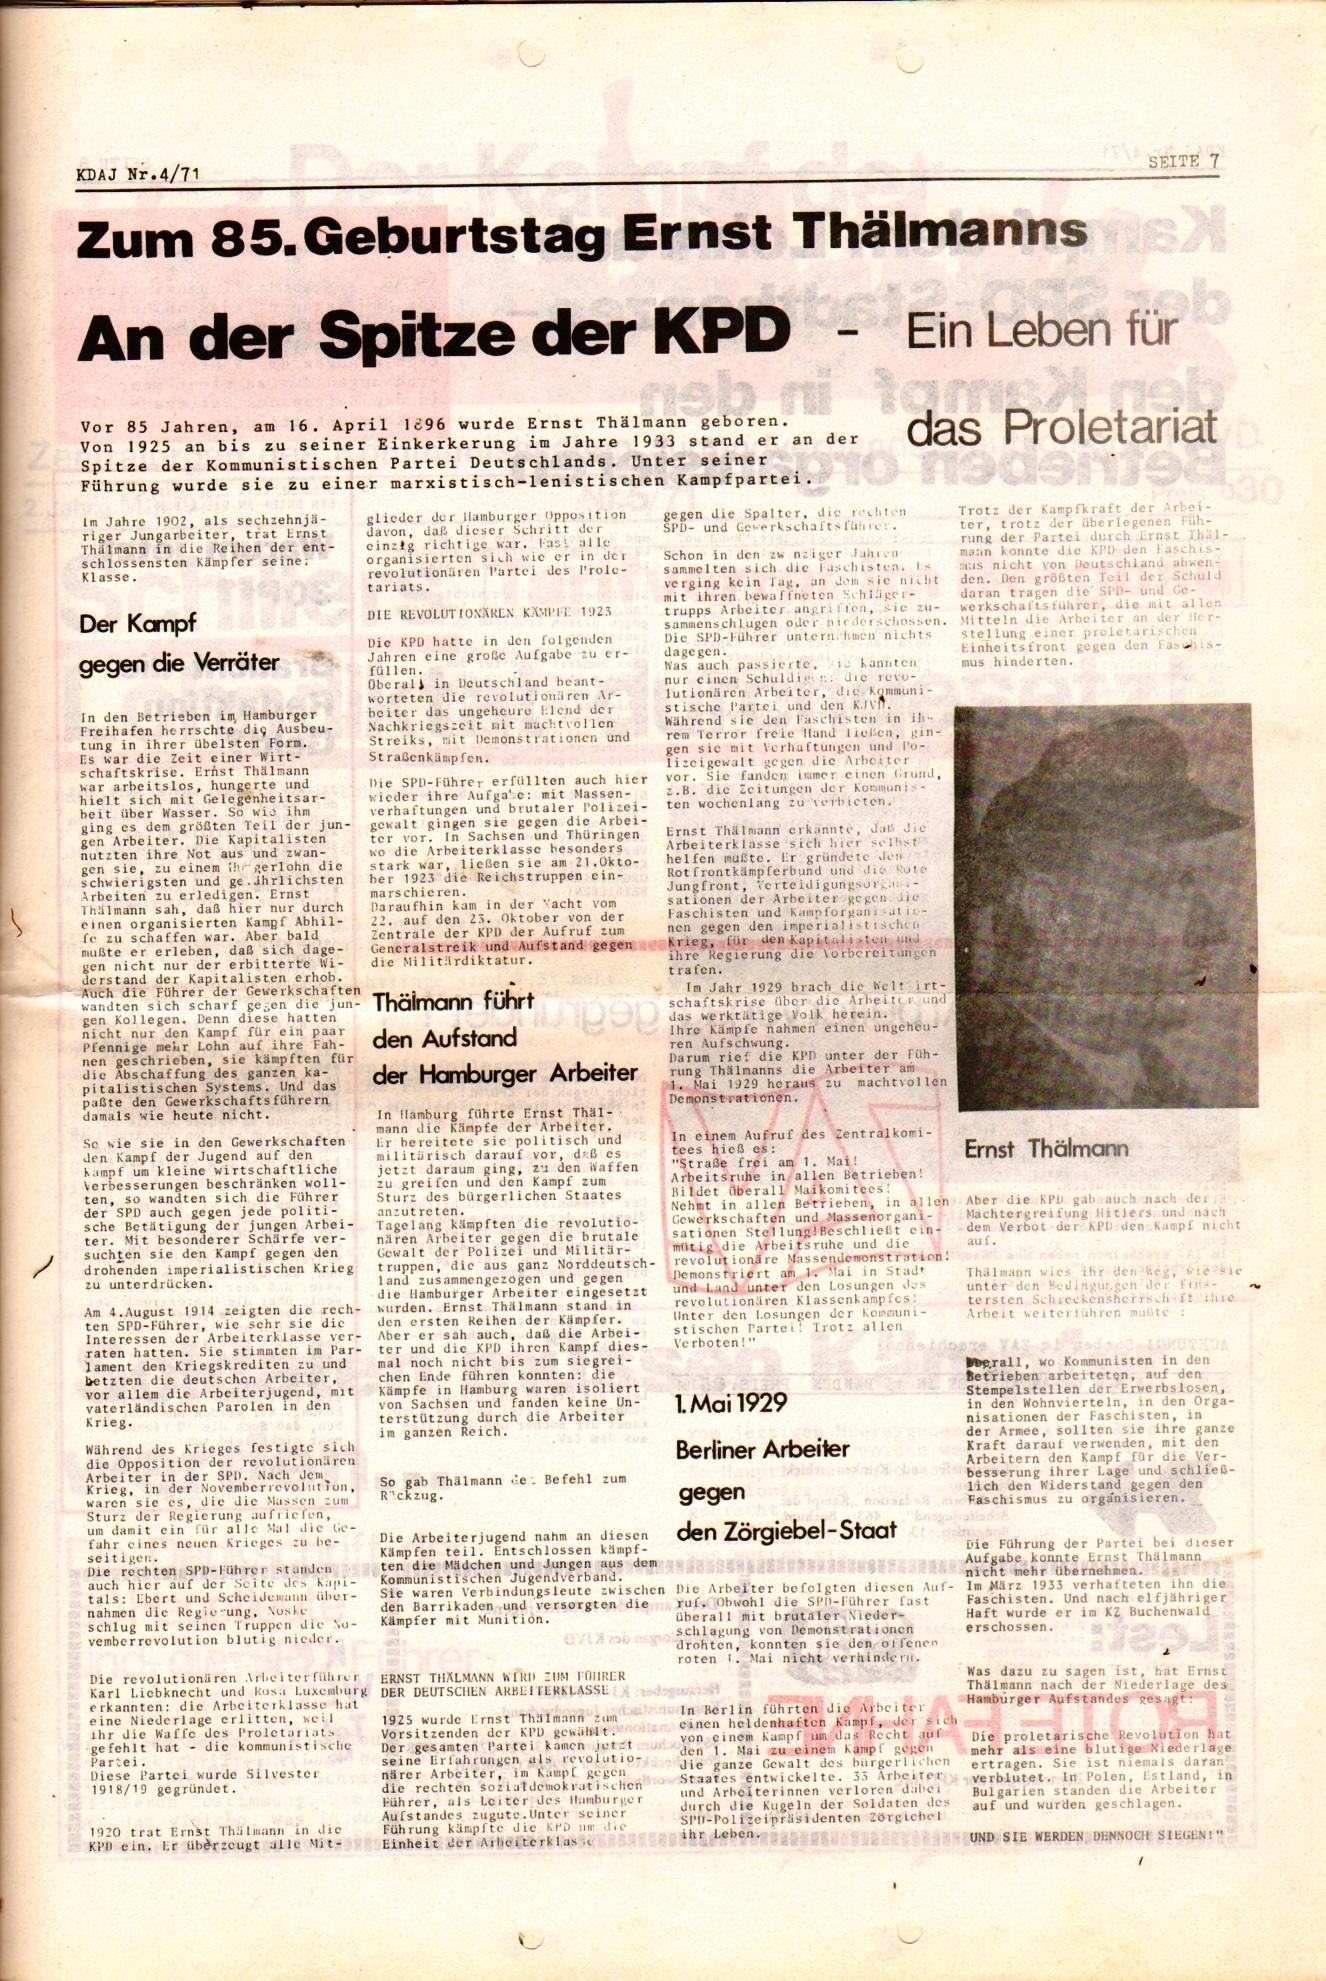 KDAJ, 2. Jg., April 1971, Nr. 4, Seite 7